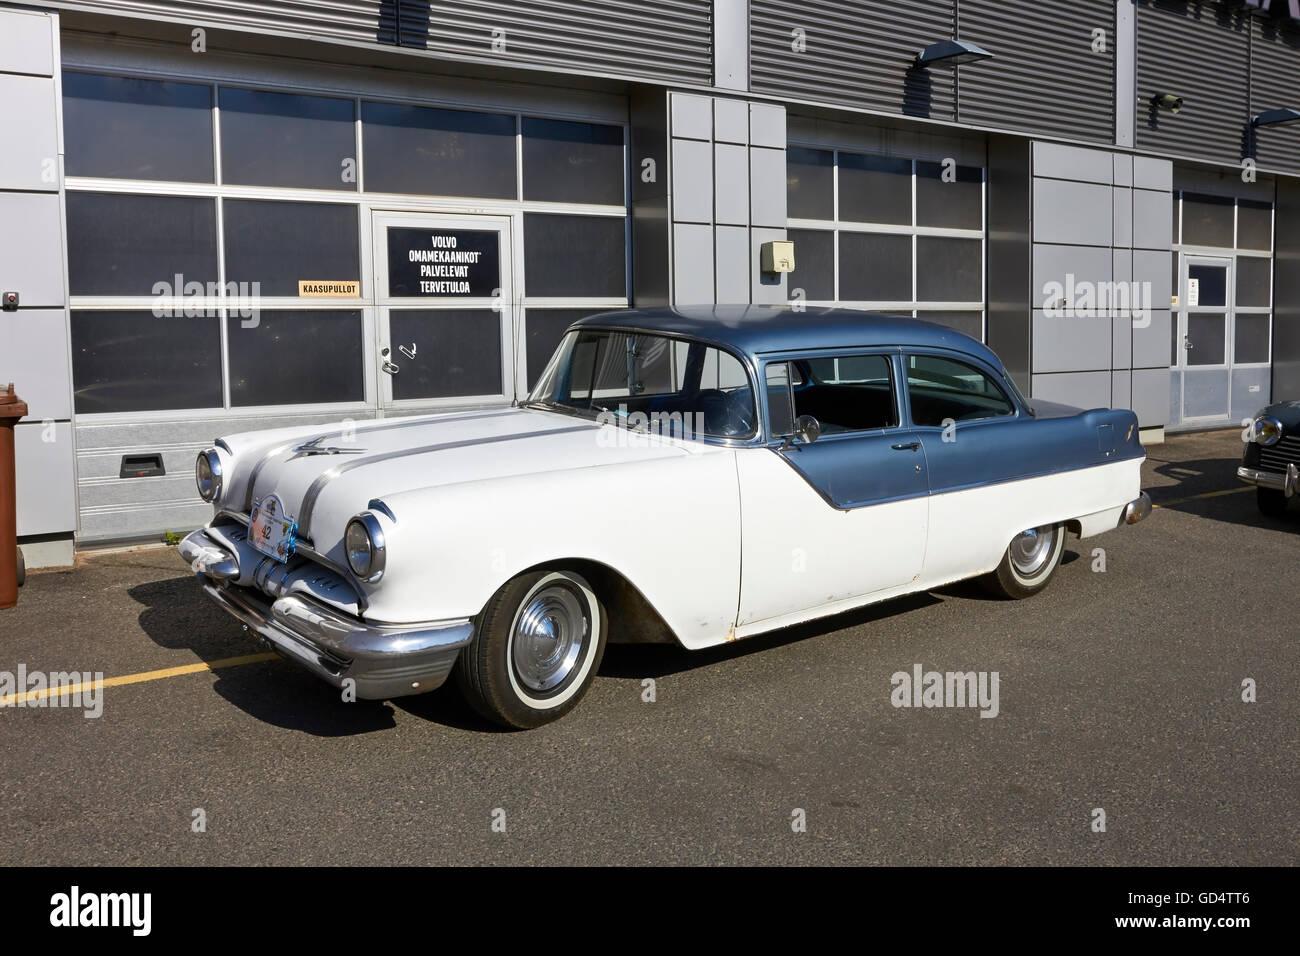 1955 Pontiac Chieftain 2D - Stock Image